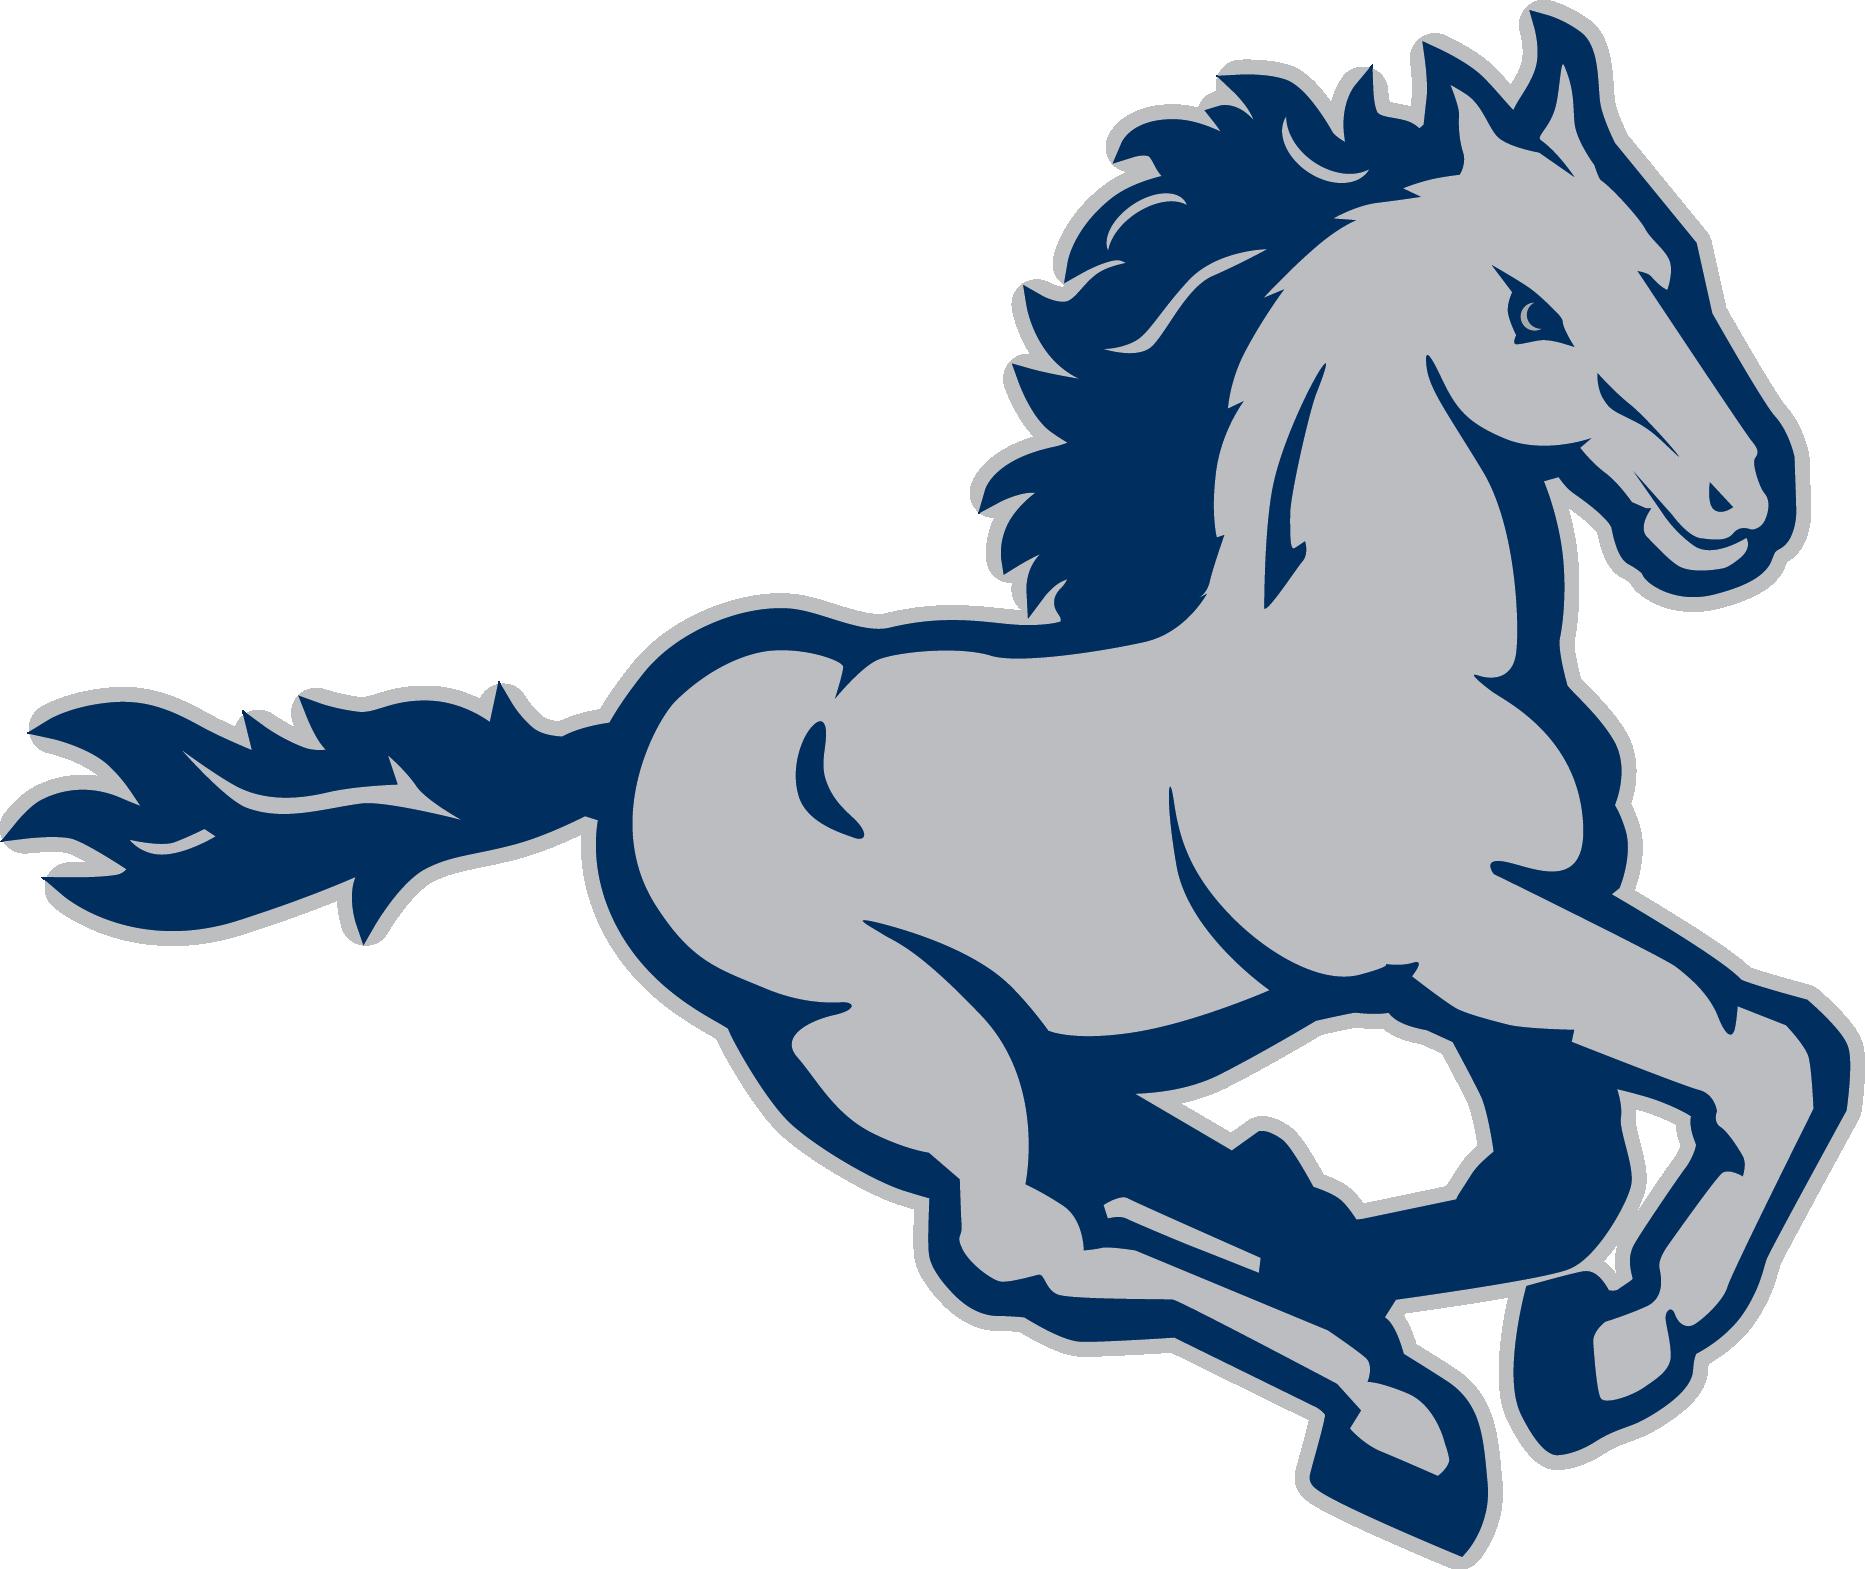 Murchisonmustang Png 1865 1569 Horse Logo Design Horse Logo Mustang Logo